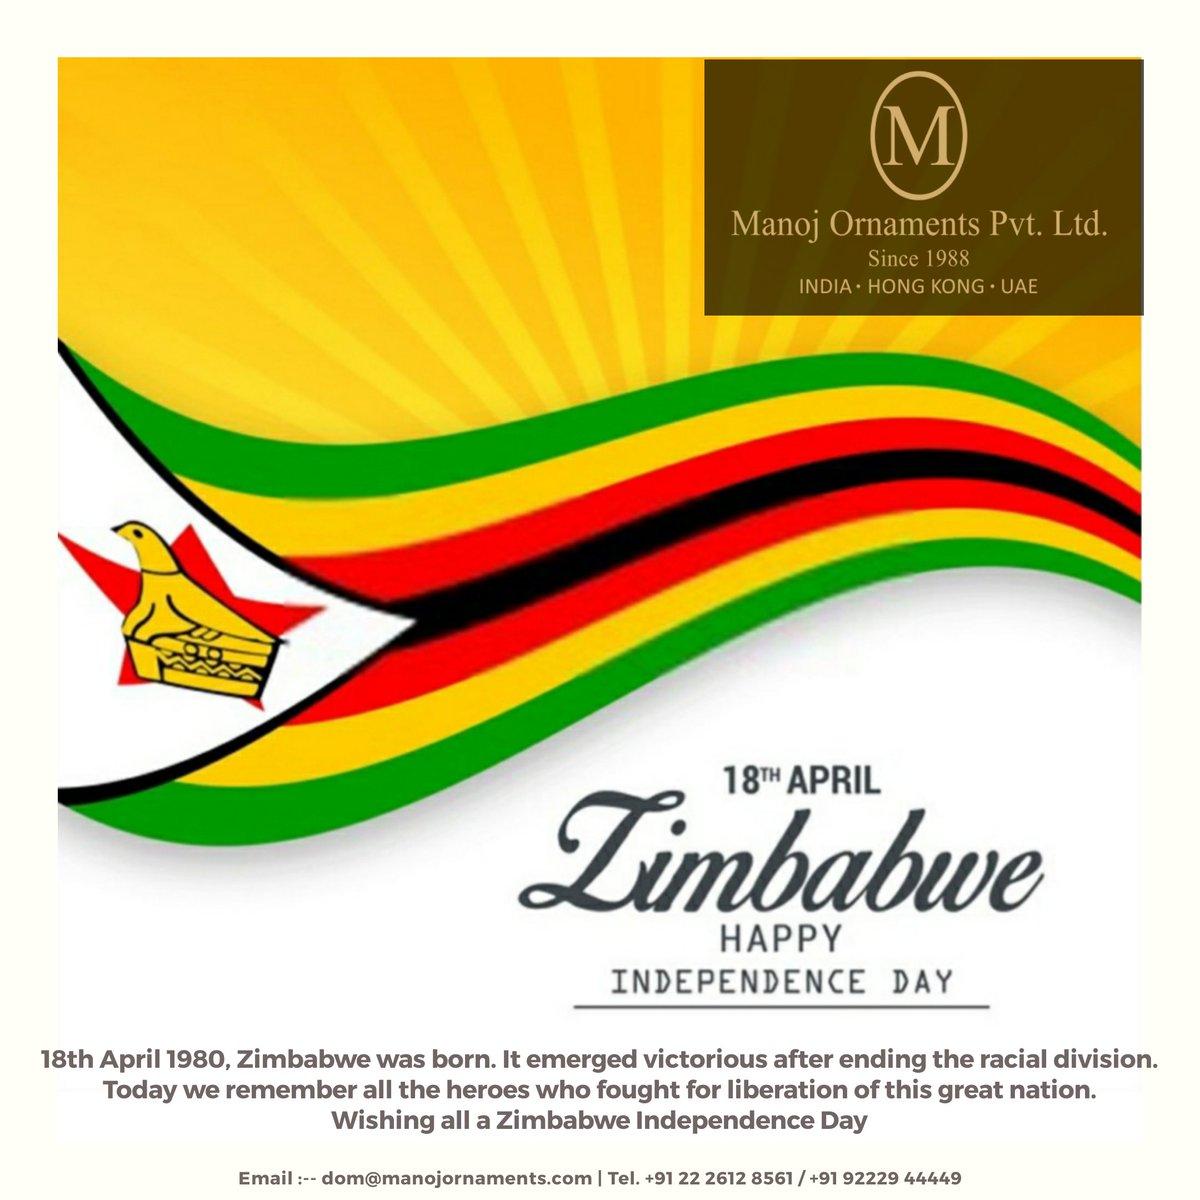 #ZimbabweIndependenceDay #ZimbabweAt40 #Zimbabwe #IndependenceDay #40years #ManojOrnamentsPvtLtd #indianjewellery #indianjewelleryusa #indianbridaljewellery #modernjewellerydesign #contemproryjewellery #handmadejewelrydesigner #indianfestival